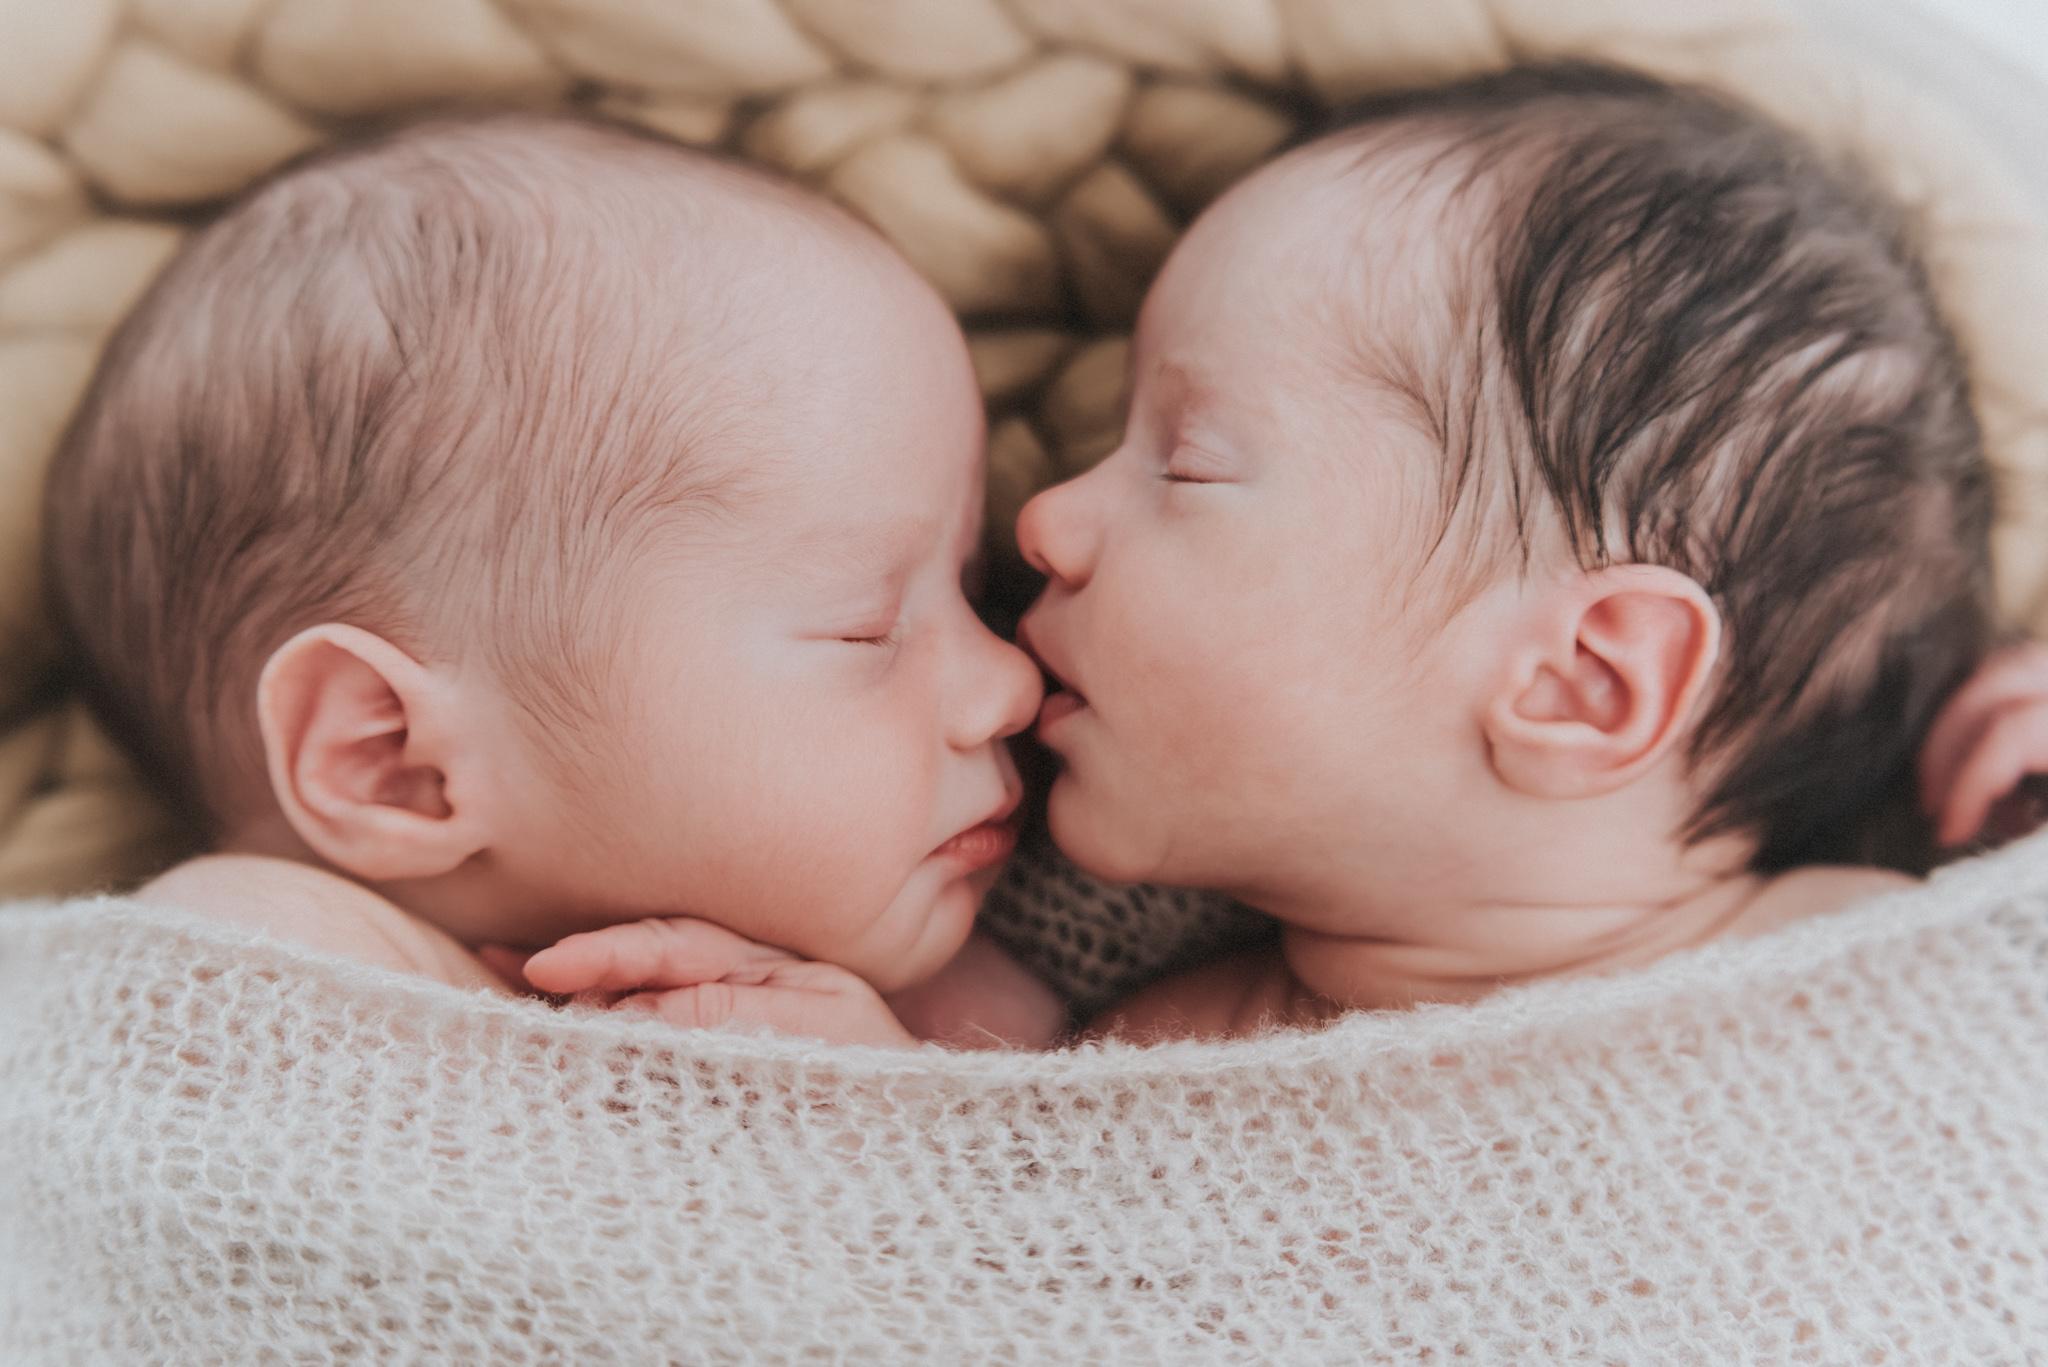 Babyfotos bzw. Beugeborenenfotos von Zwillingen